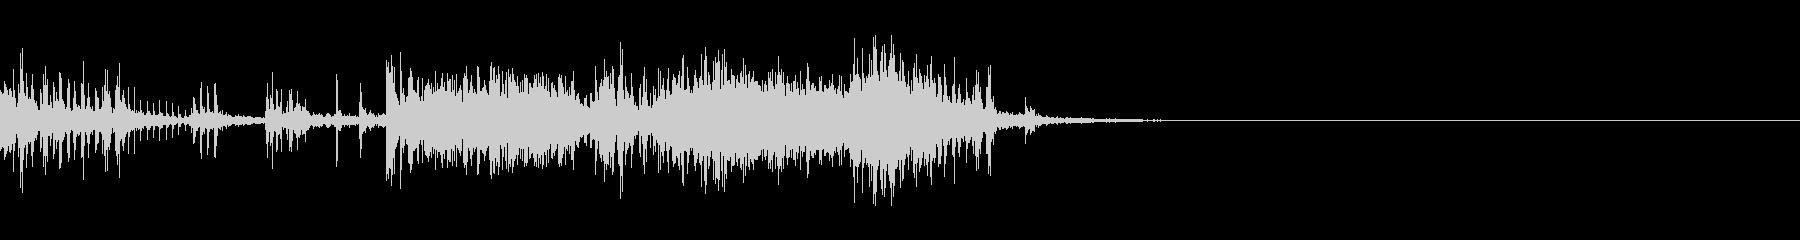 スパーク音-17の未再生の波形